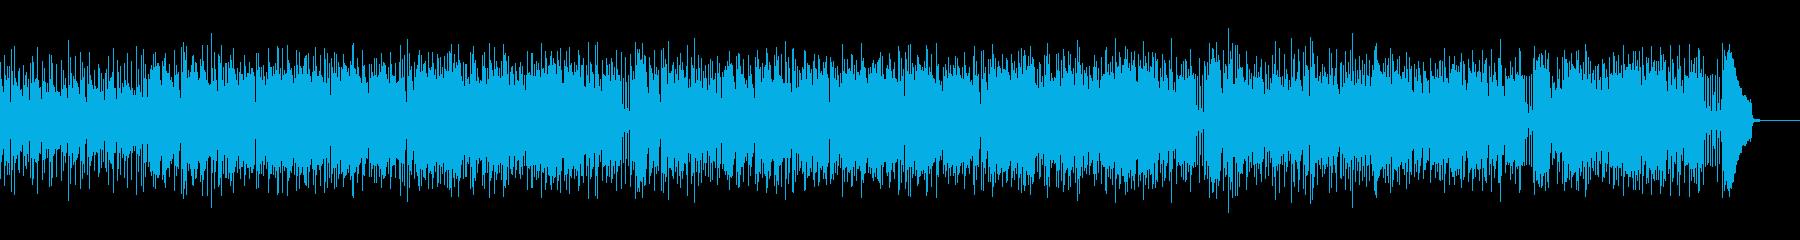 ブルージーで哀愁のあるフォークロックの再生済みの波形